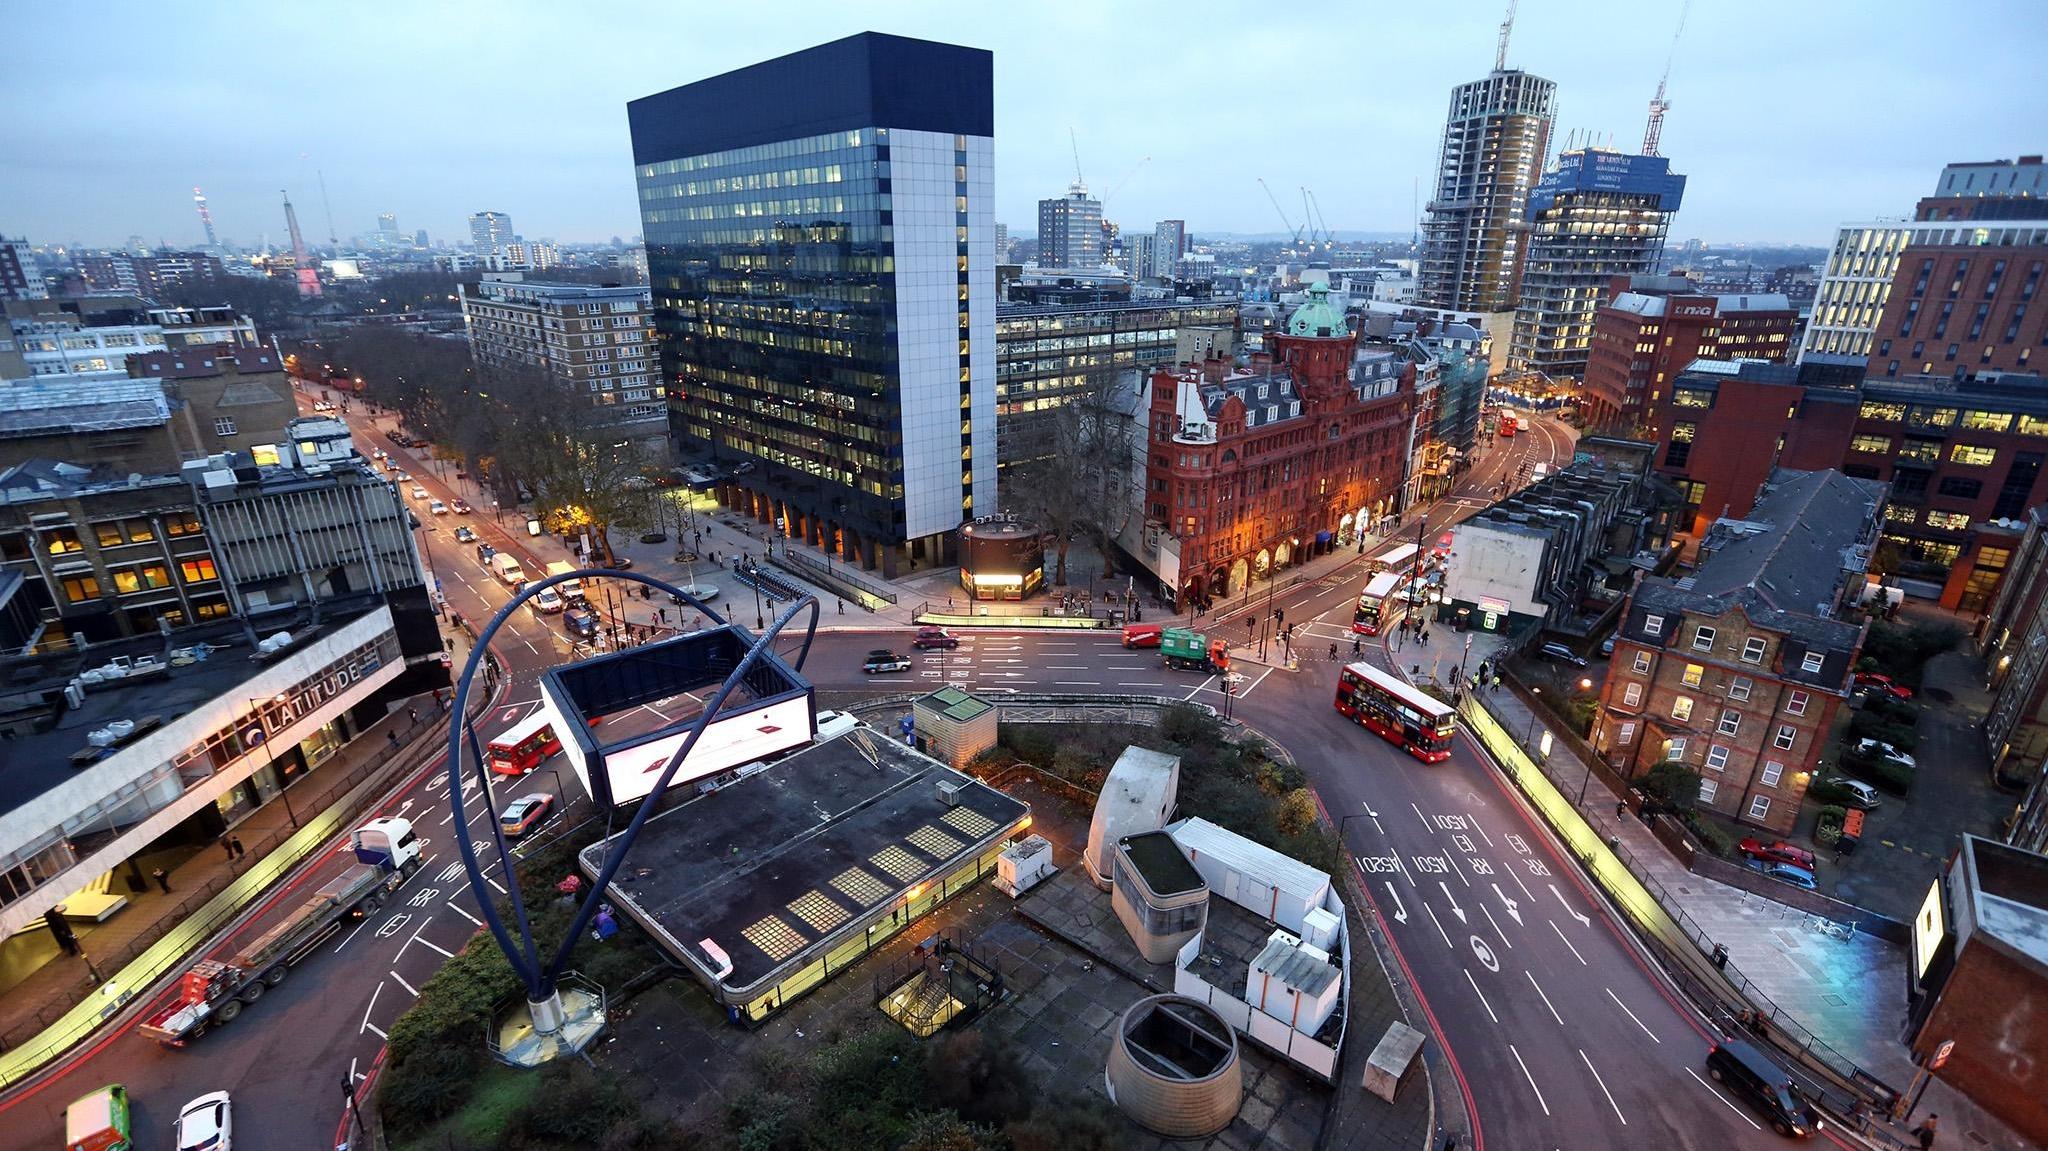 ロンドンのテックスタートアップ中心地、シリコン・ラウンダバウト。 出典:https://flic.kr/p/24GfdNm